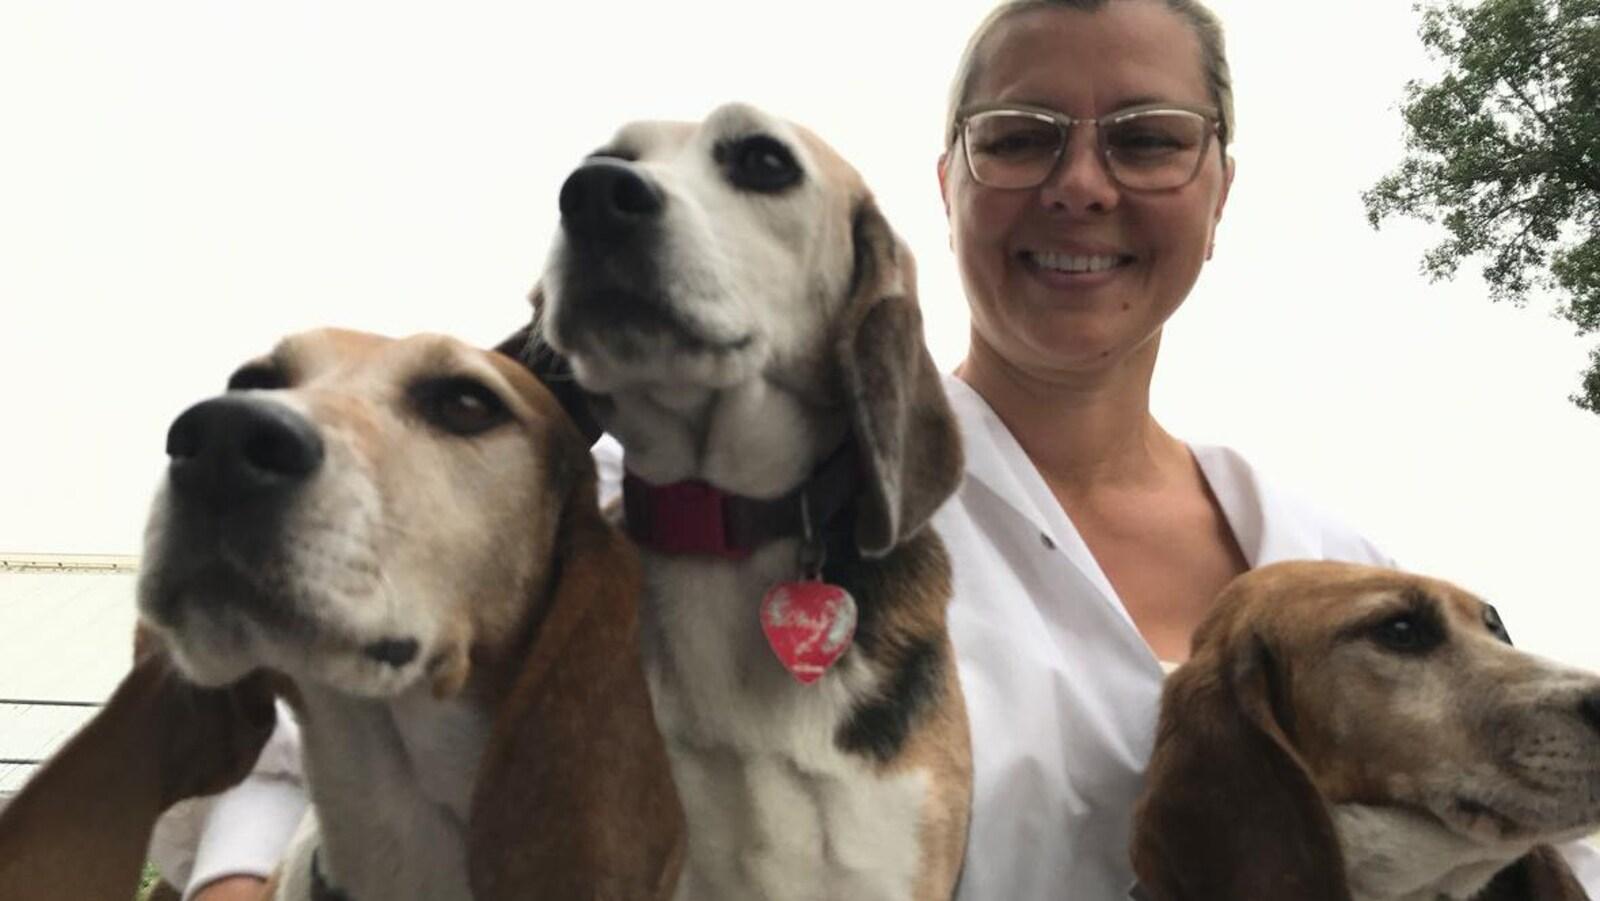 Vue en contre-plongée sur trois beagles qui regardent au loin et une scientifique avec blouse et lunettes qui regarde l'objectif.